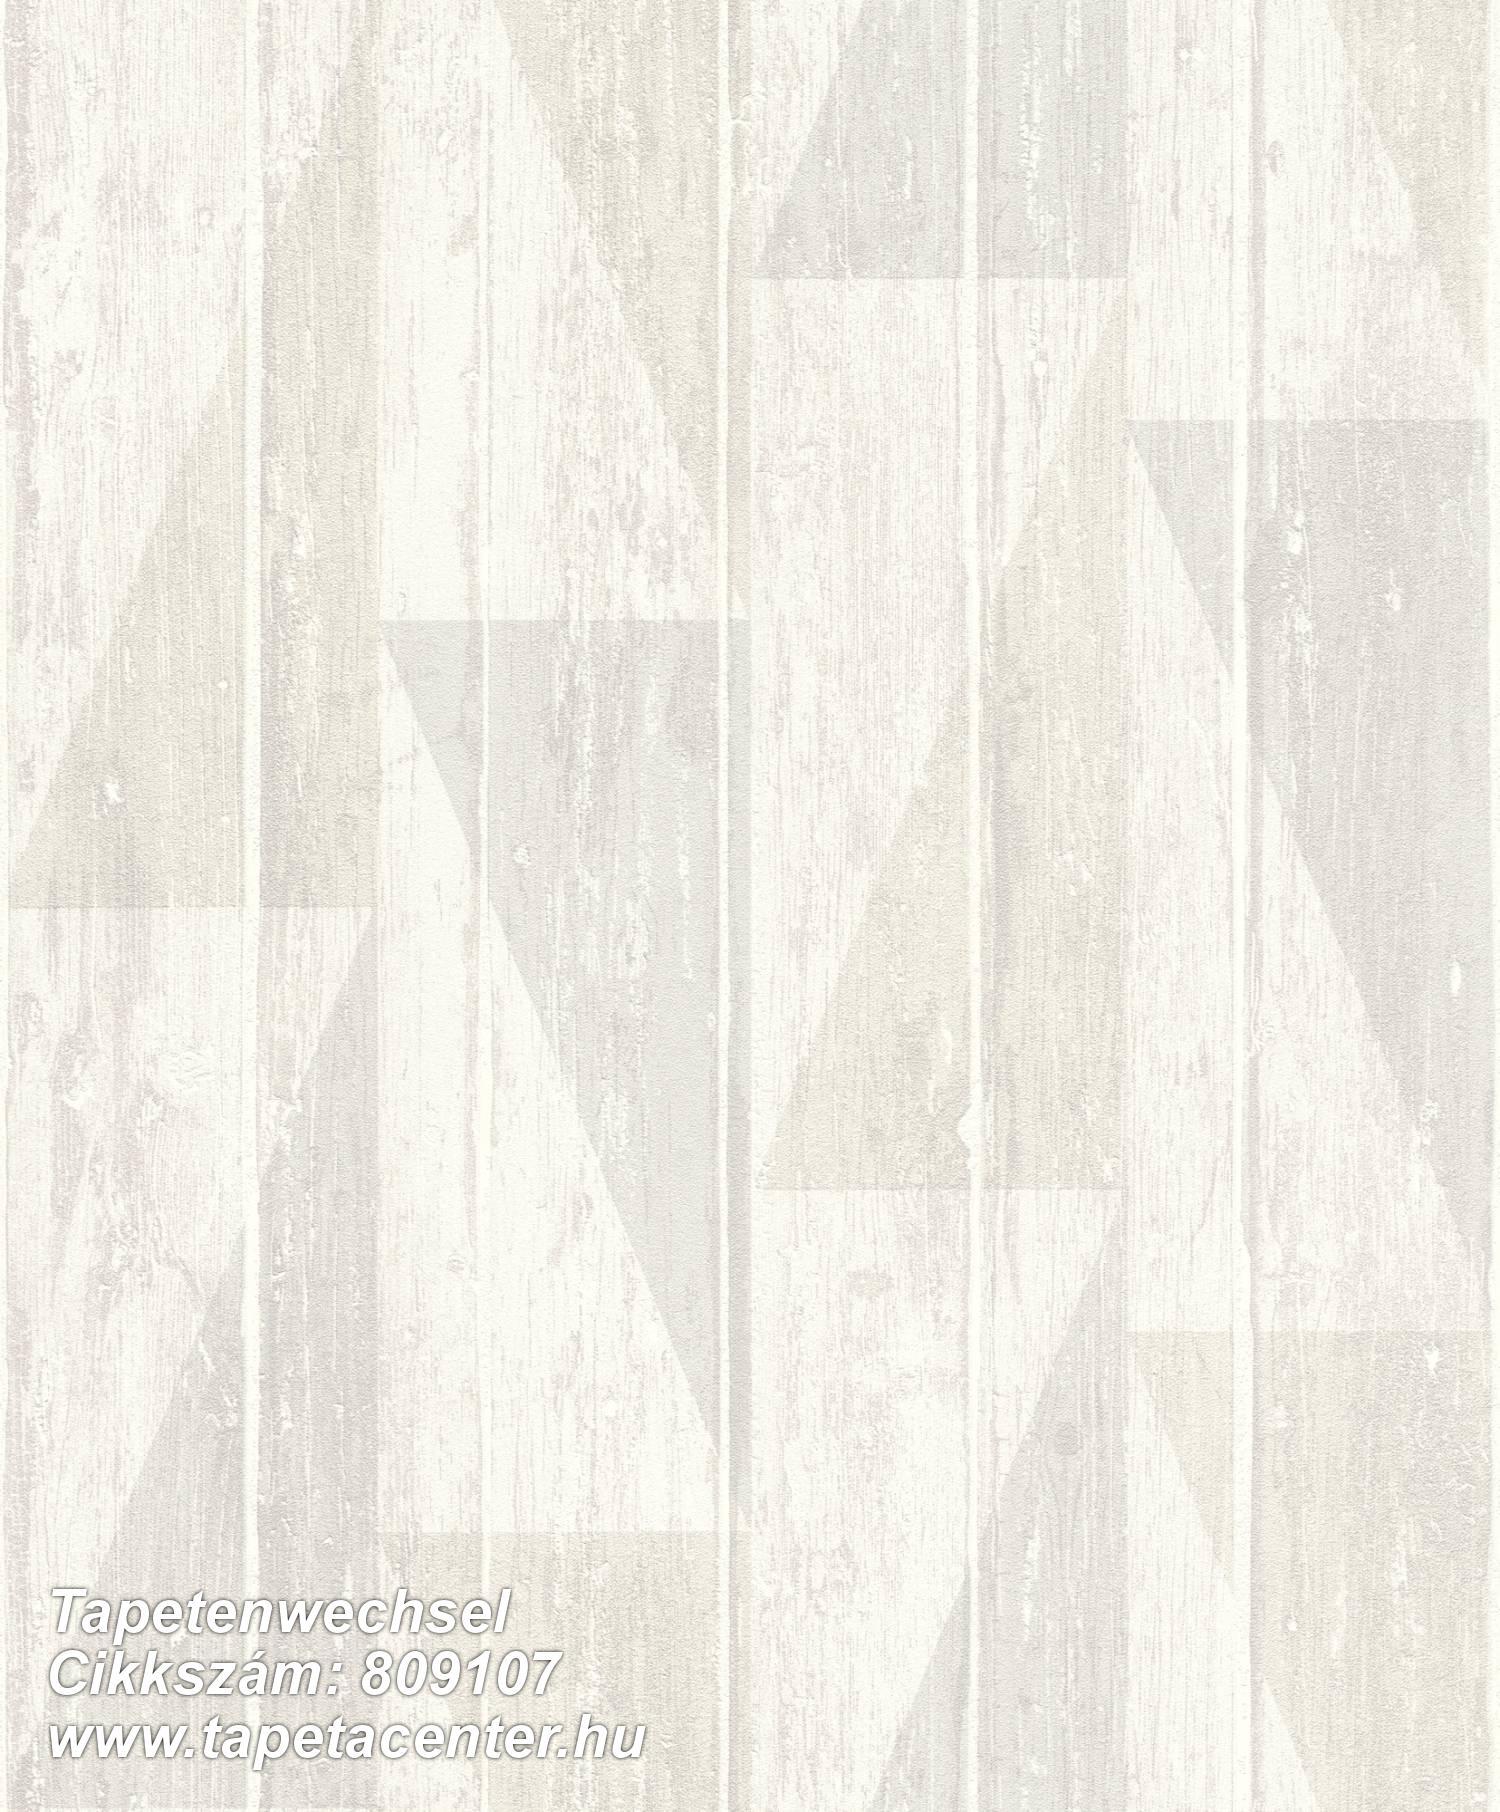 Absztrakt,fa hatású-fa mintás,különleges felületű,kék,szürke,zöld,lemosható,illesztés mentes,vlies tapéta